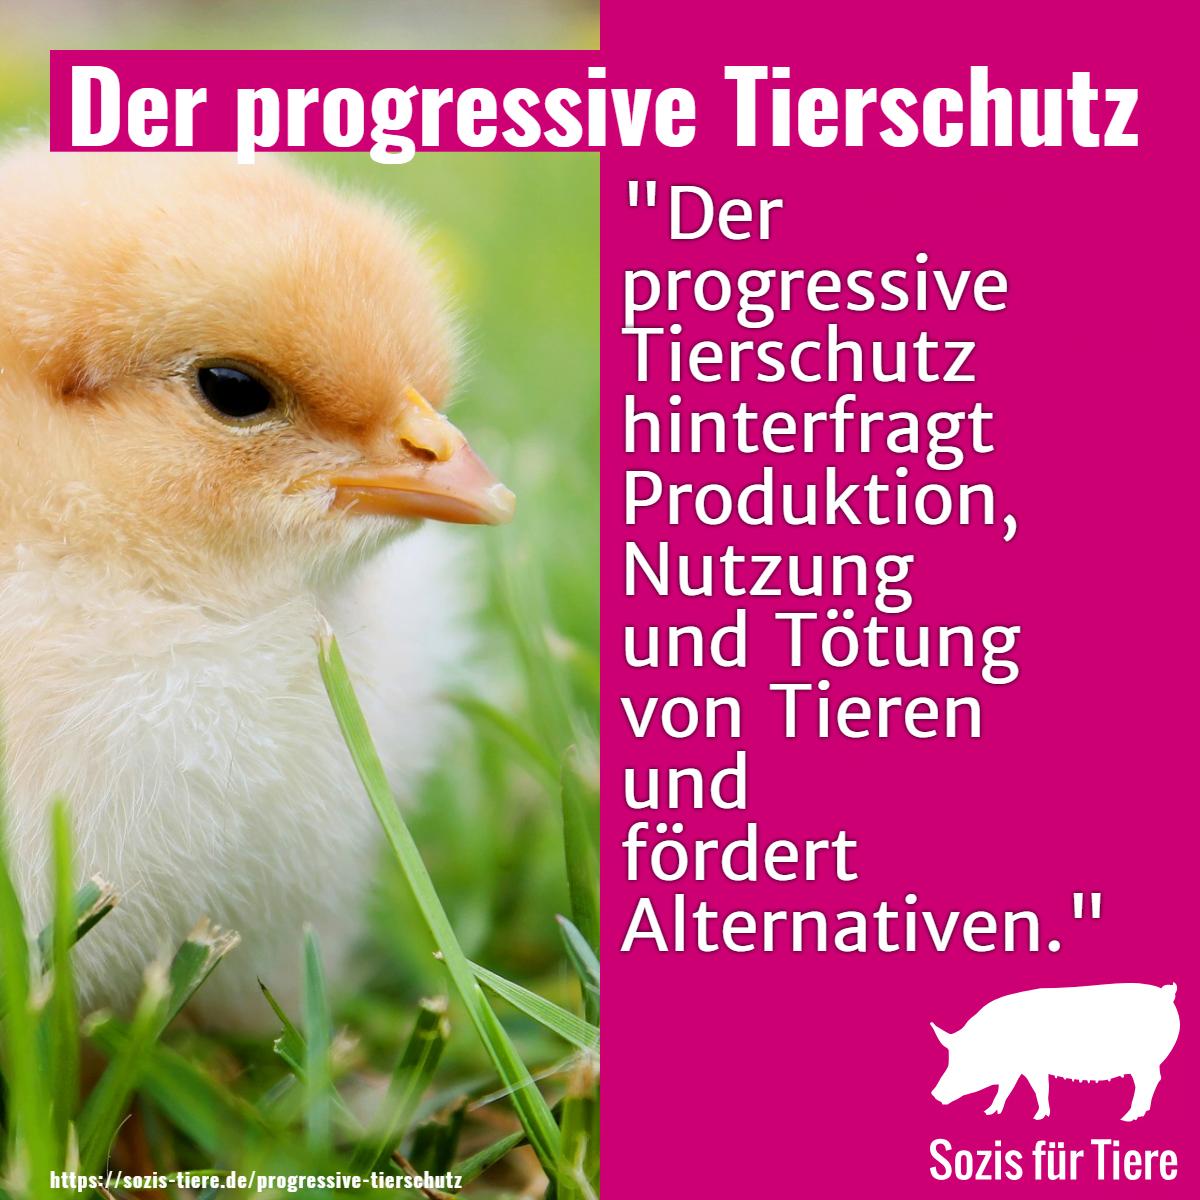 Der progressive Tierschutz: Der progressive Tierschutz hinterfragt Produktion, Nutzung und Tötung von Tieren und fördert Alternativen.